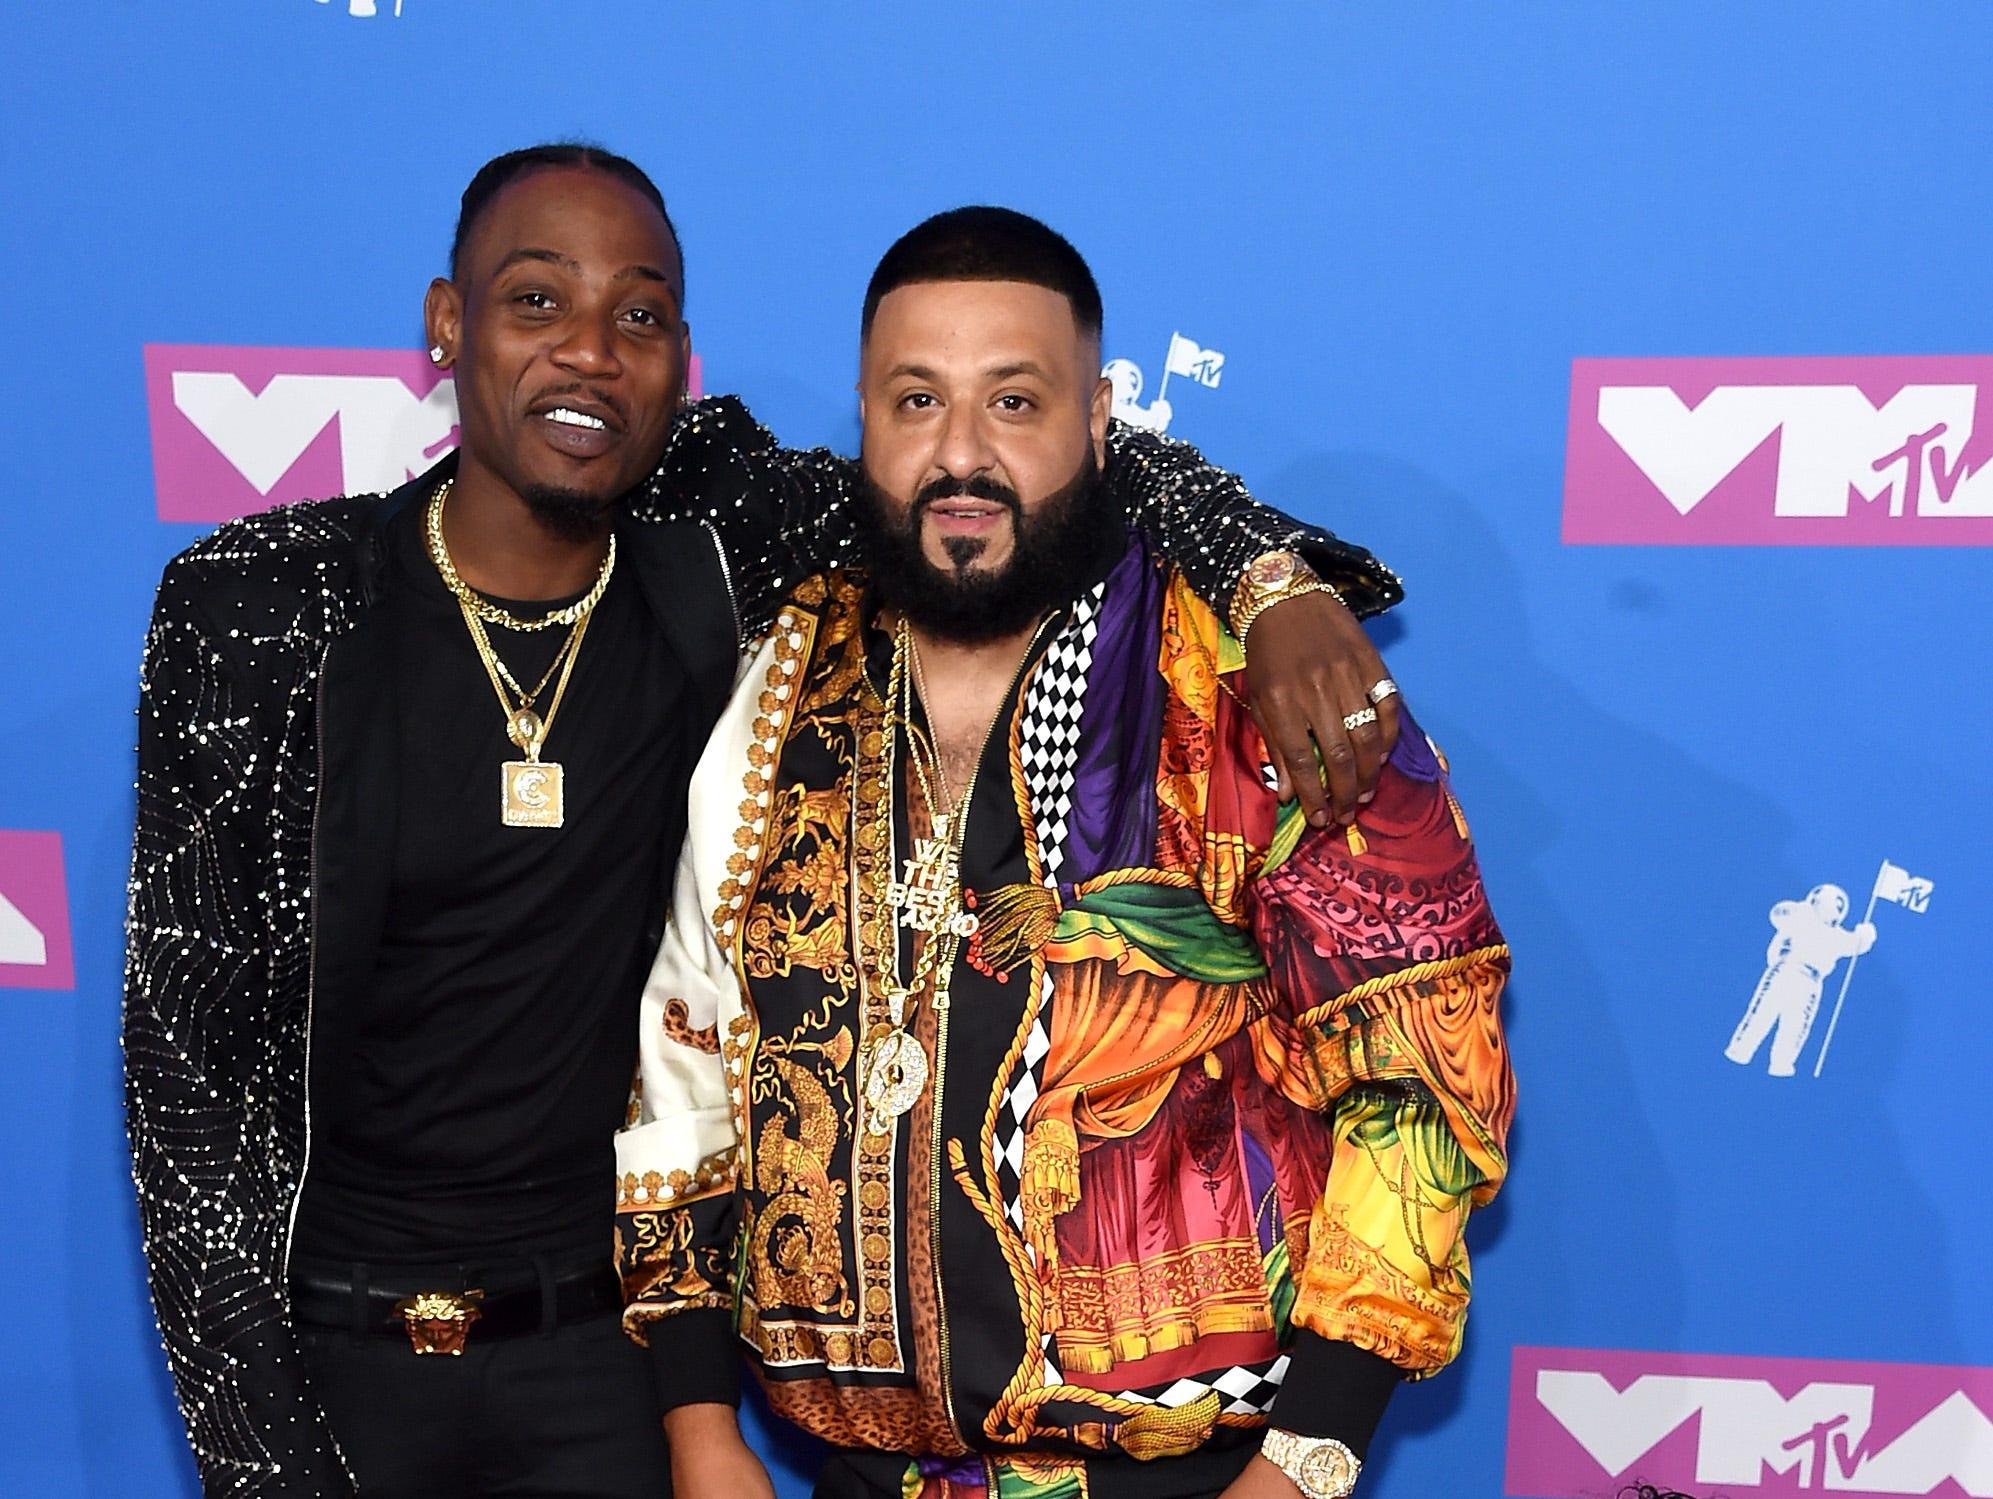 DJ Khaled y  Asahd Khaled asiste a los MTV Video Music Awards 2018 en el Radio City Music Hall el 20 de agosto de 2018 en la ciudad de Nueva York.